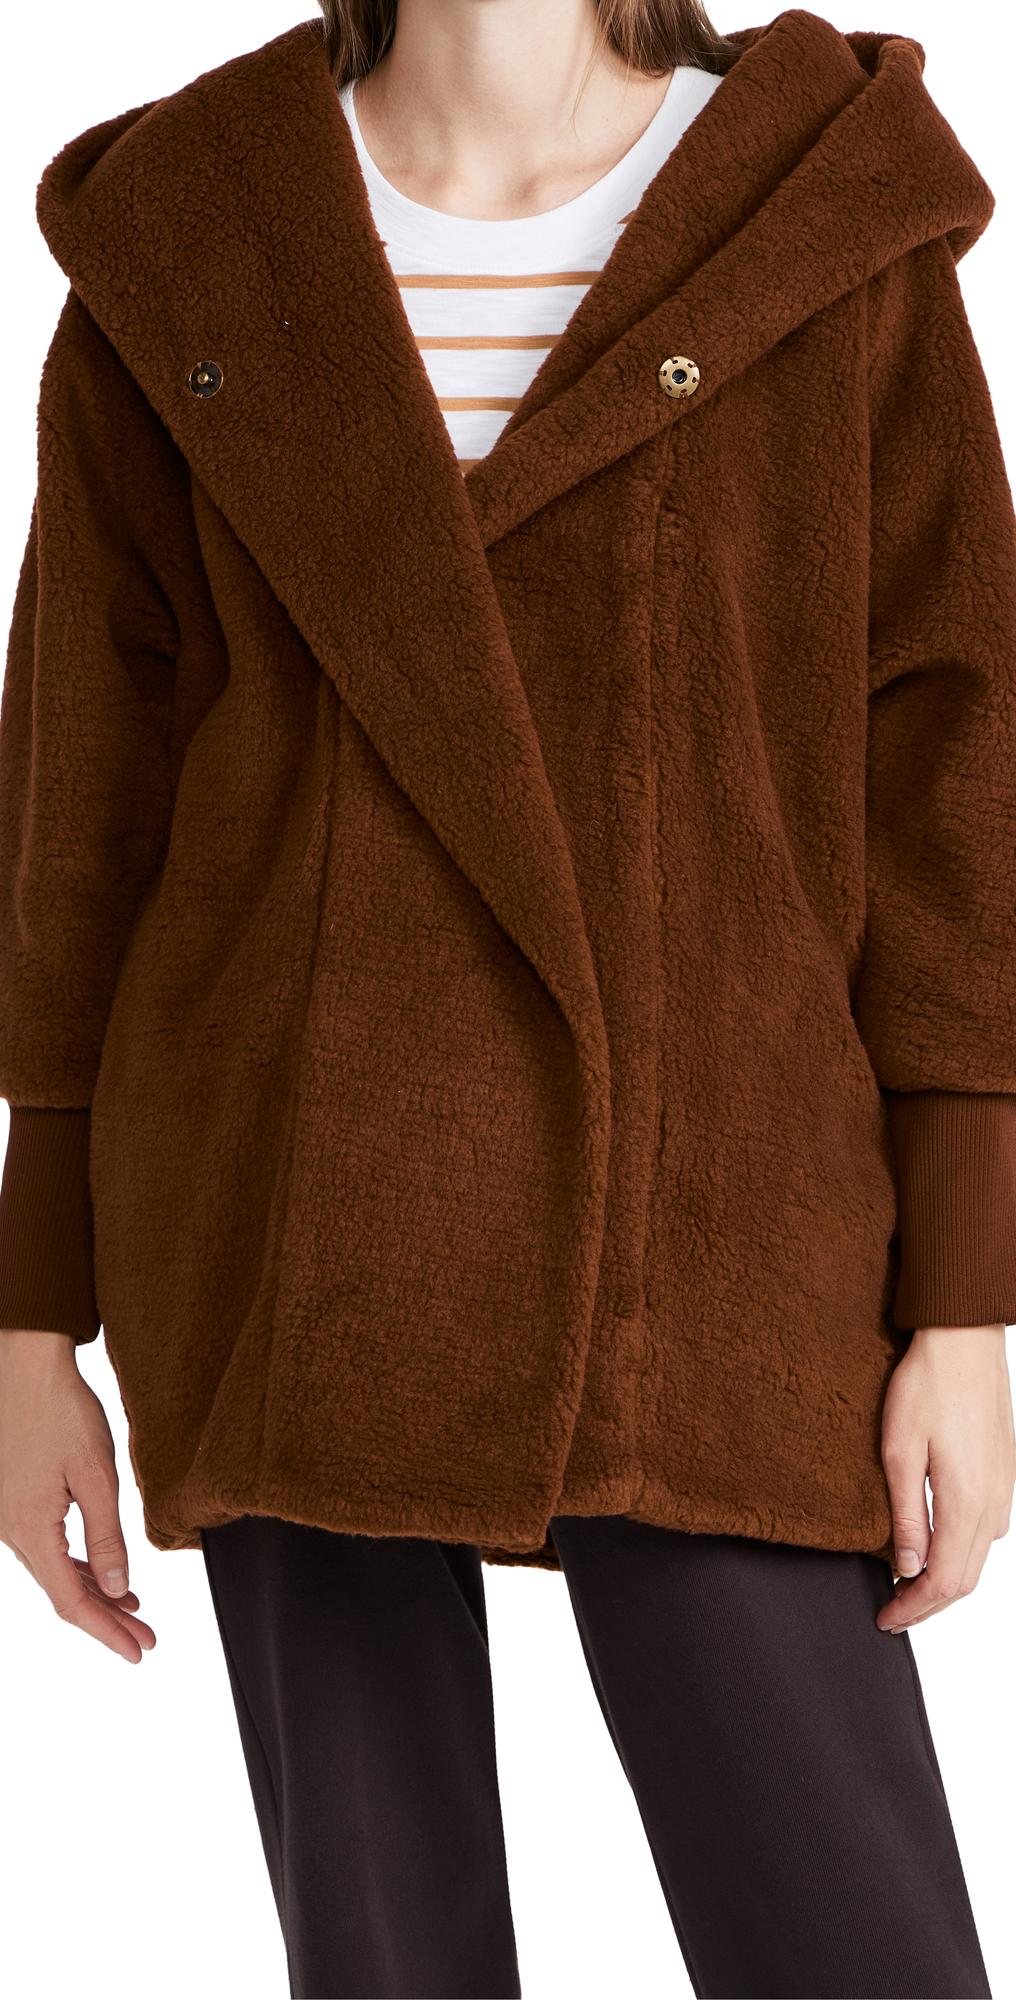 The Coco Coat